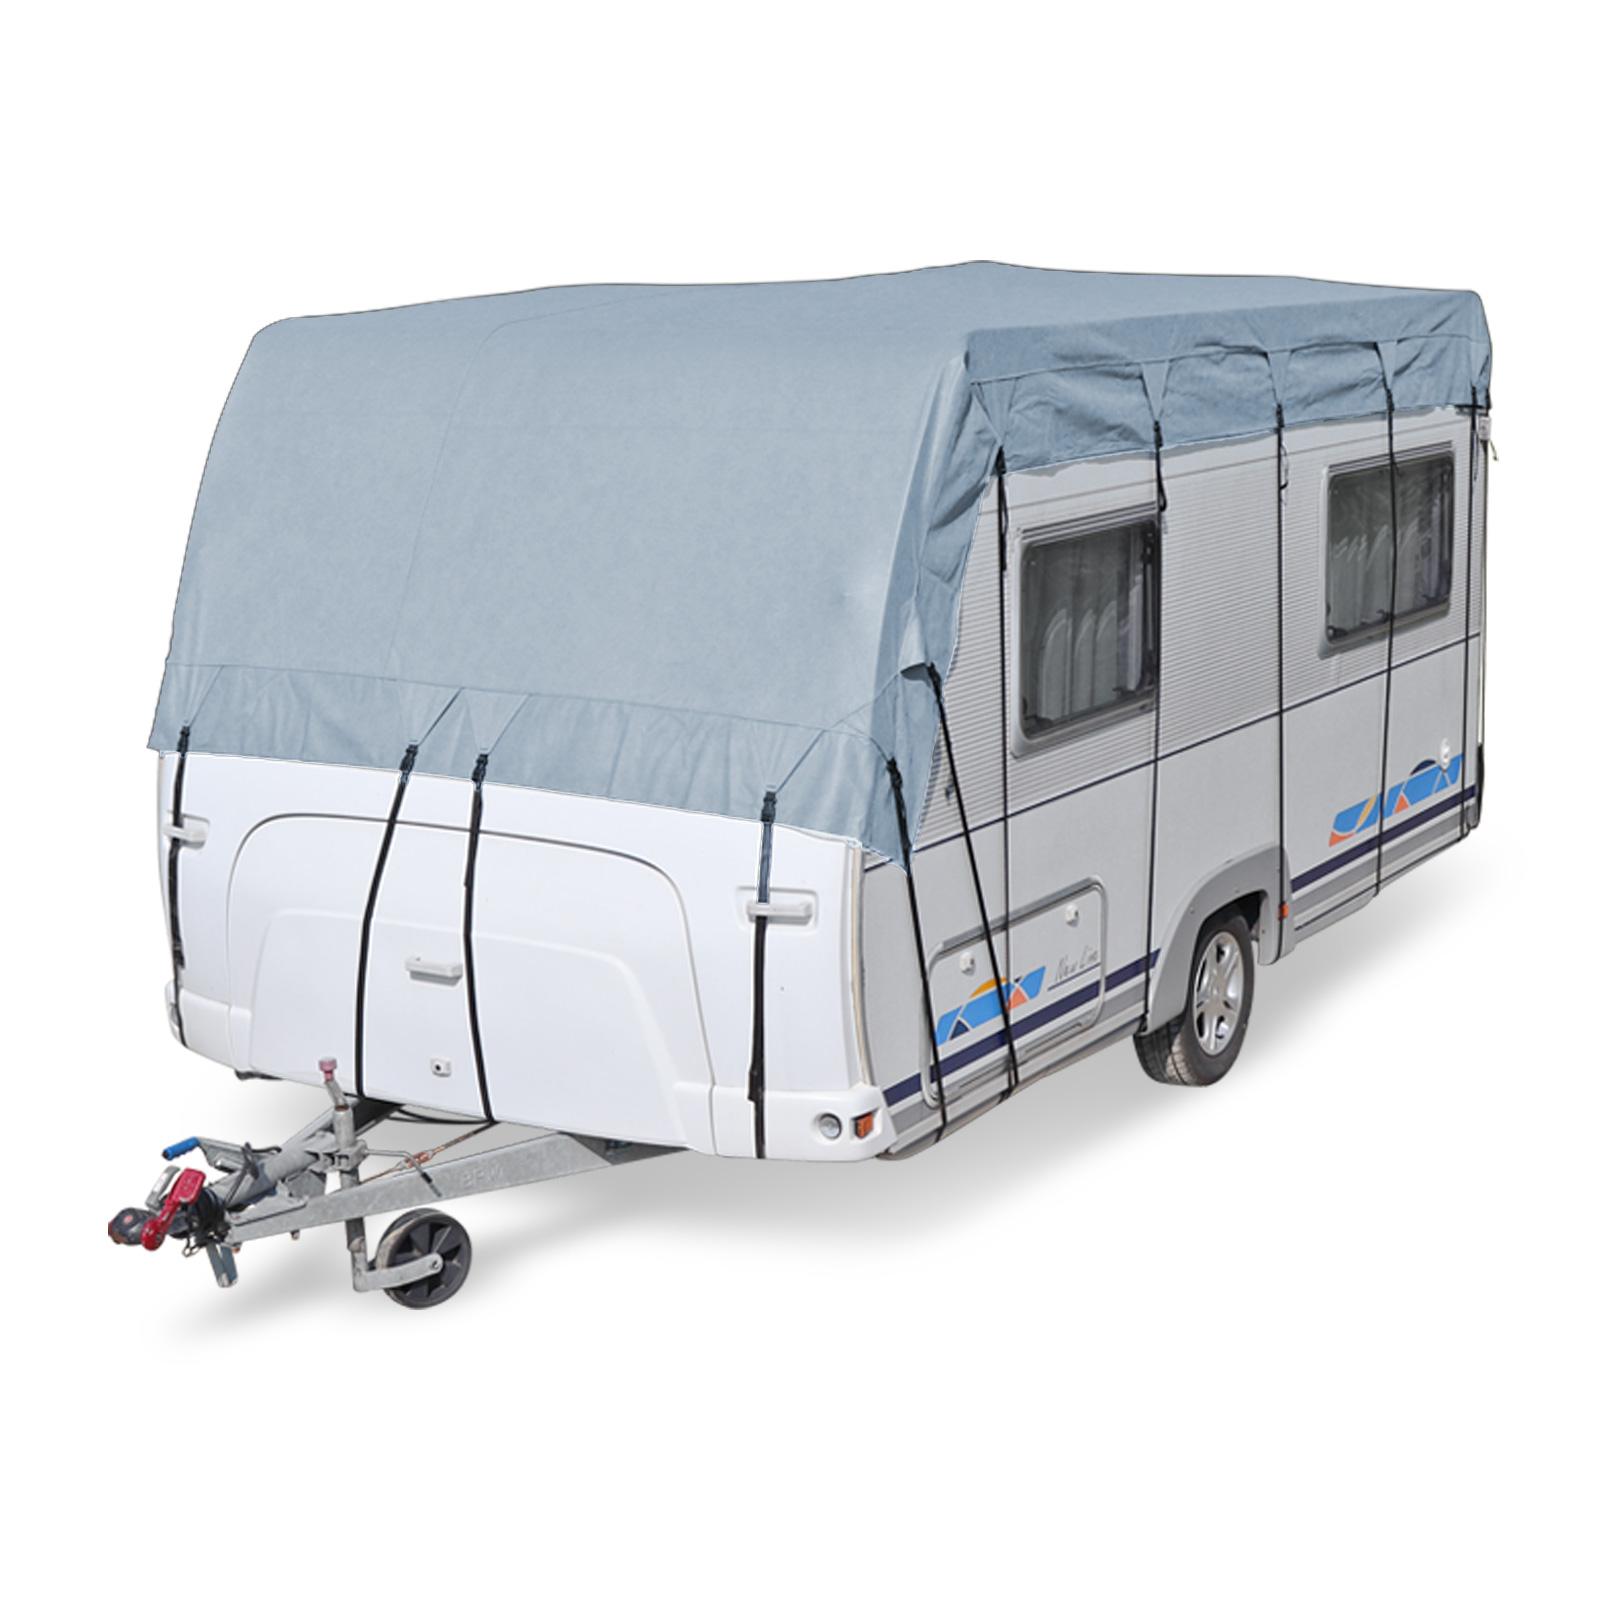 Wohnwagen Wohnmobil Reisemobil Schutzdach Dachschutzplane Schutzhülle 8x3 m